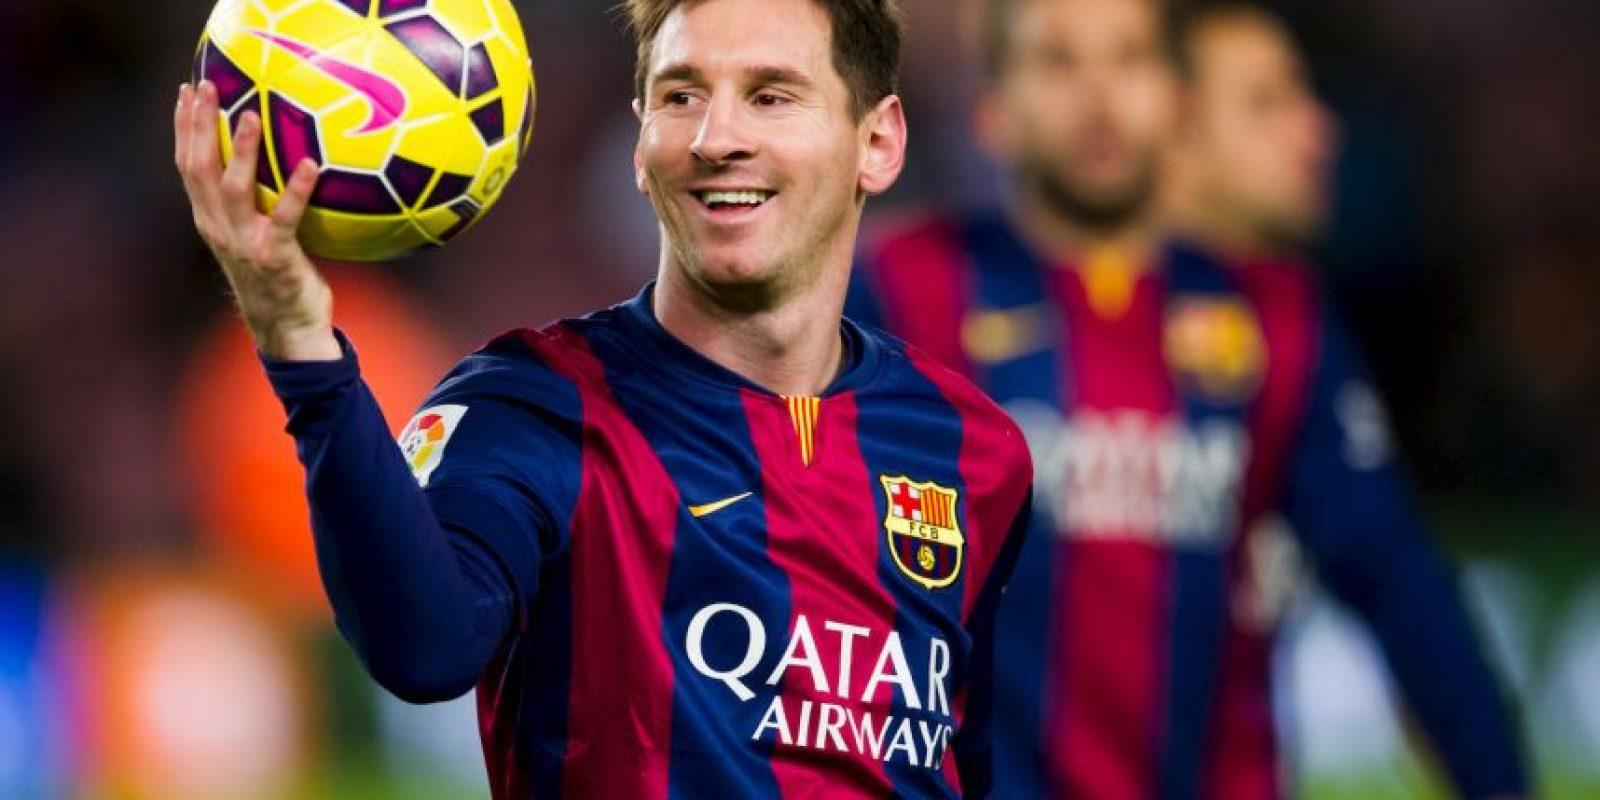 Antes de comenzar la temporada 2014/2015, Lionel Messi se sometió a una rigurosa dieta para perder peso. Foto:Getty Images